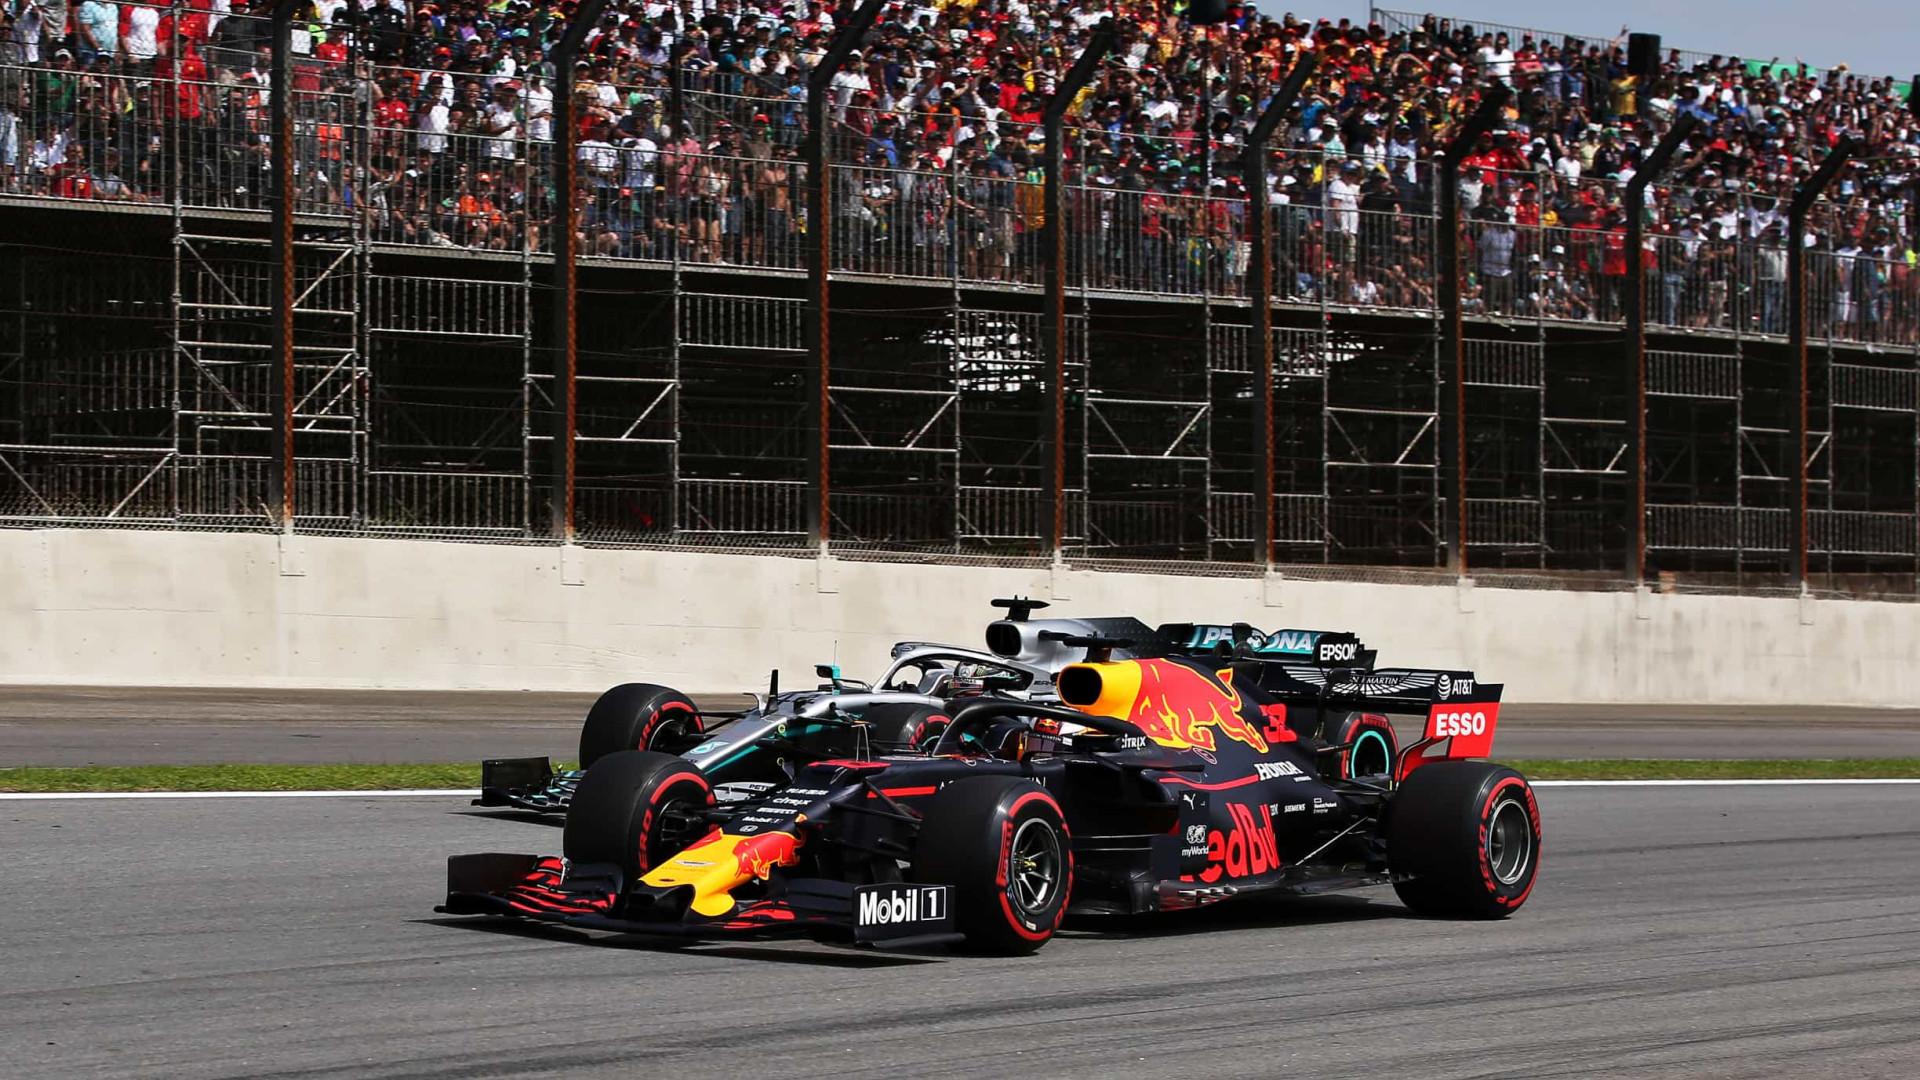 GP do Brasil: Verstappen vence e deixa pódio no Mundial ao rubro